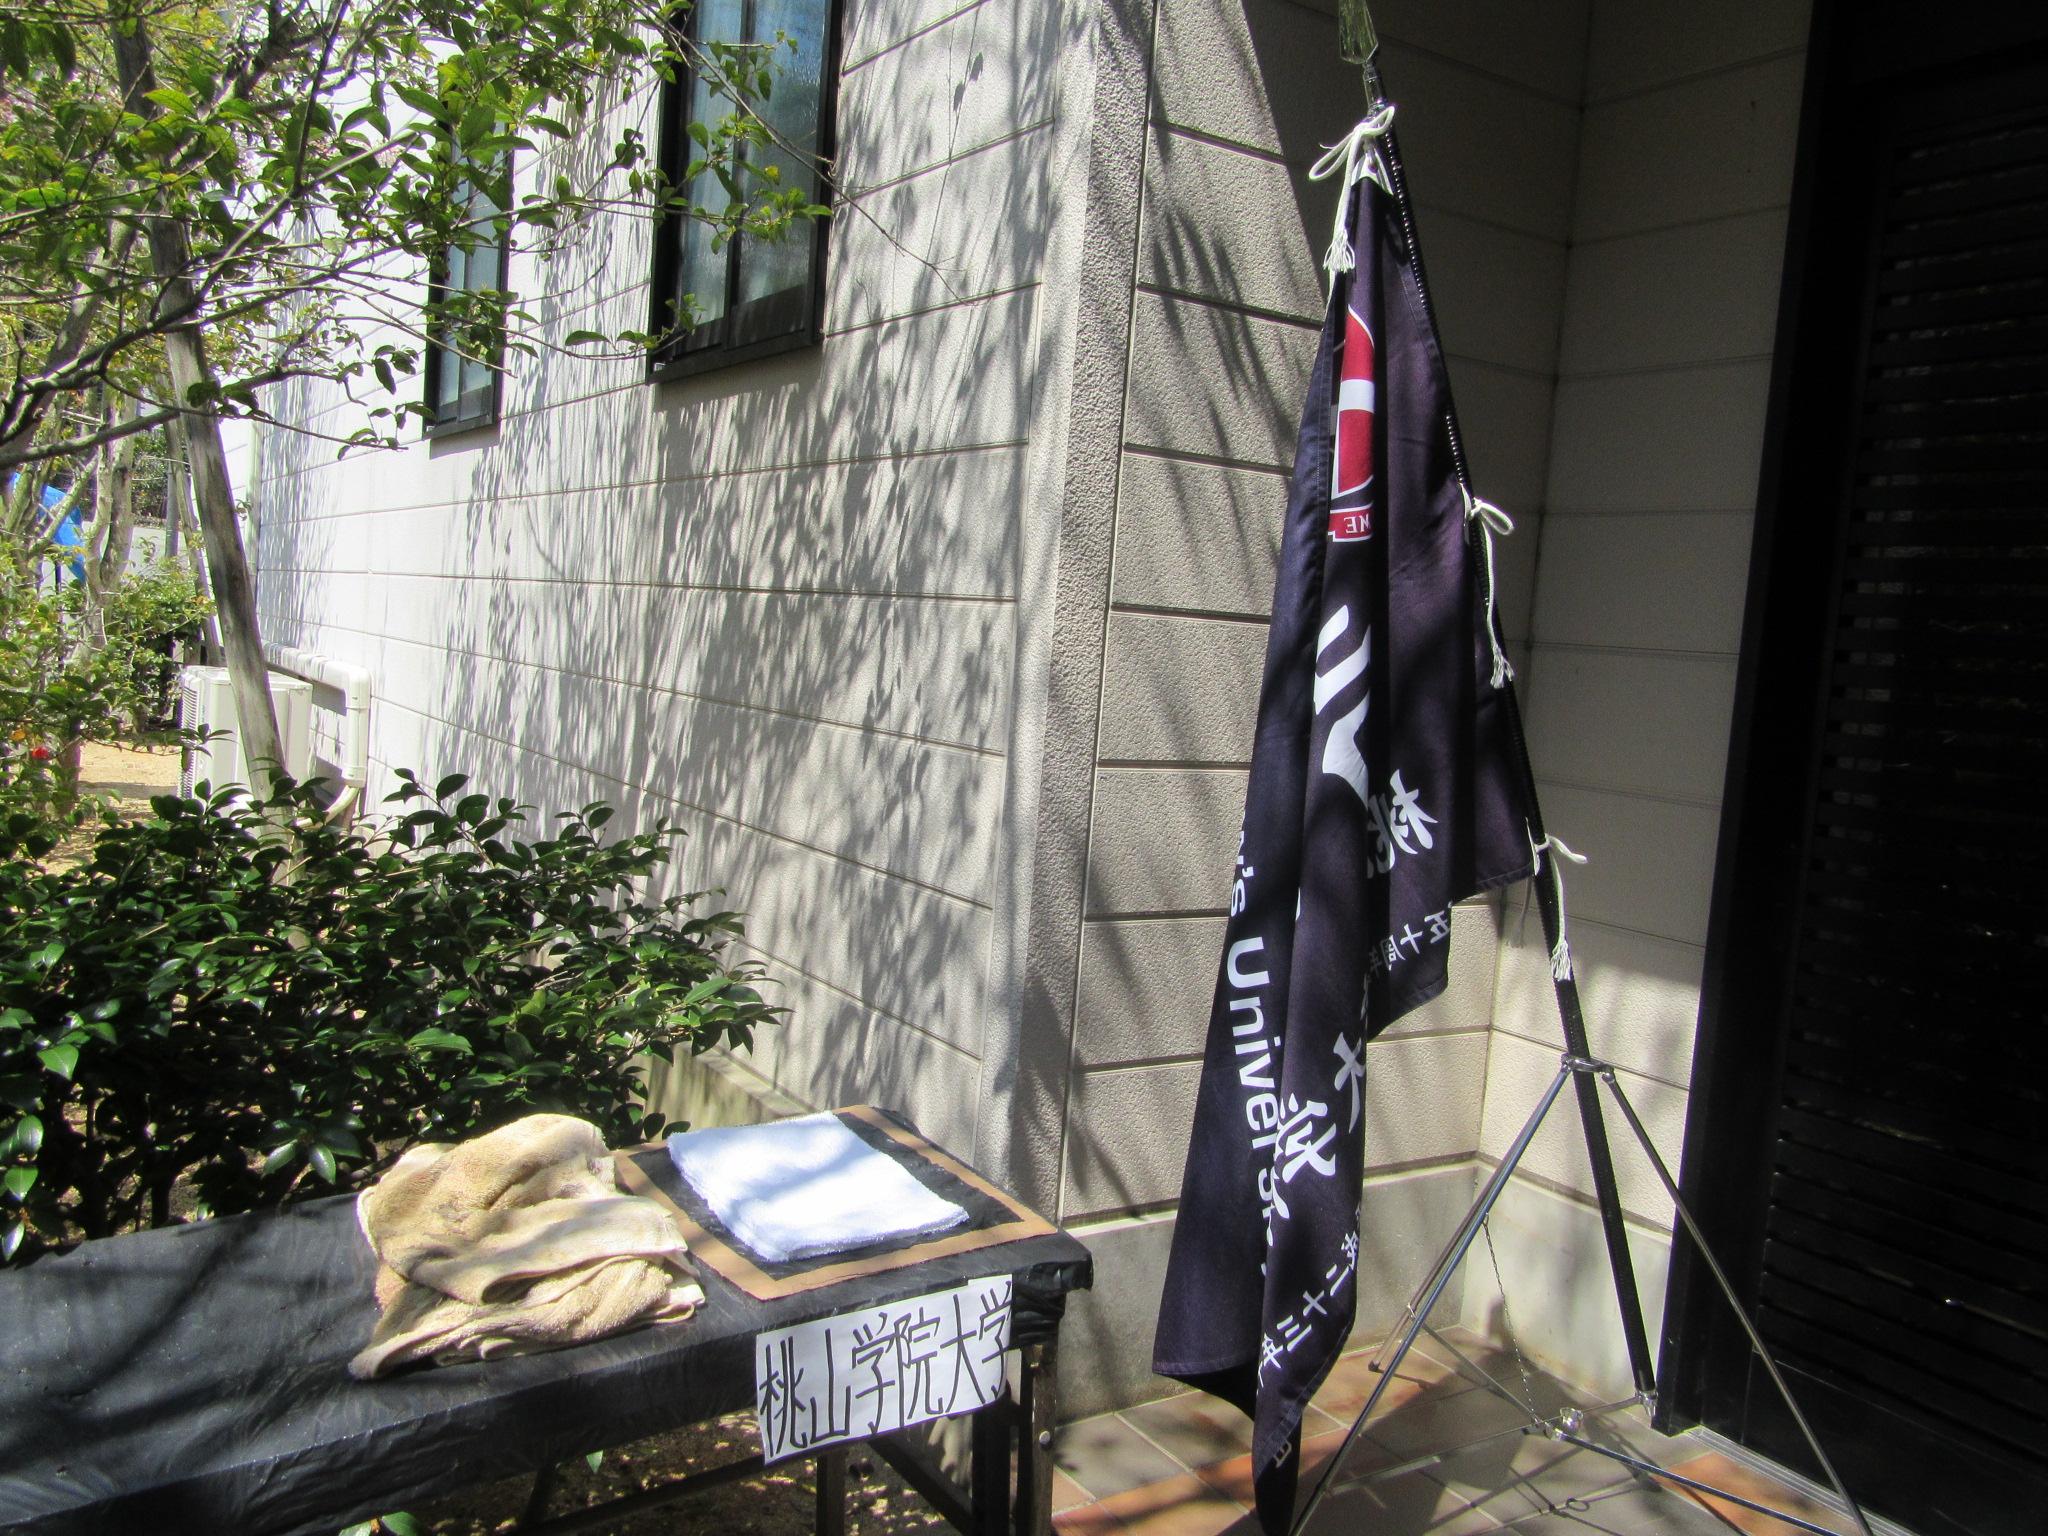 桃山学院大学の弓道部は歴史と伝統があります